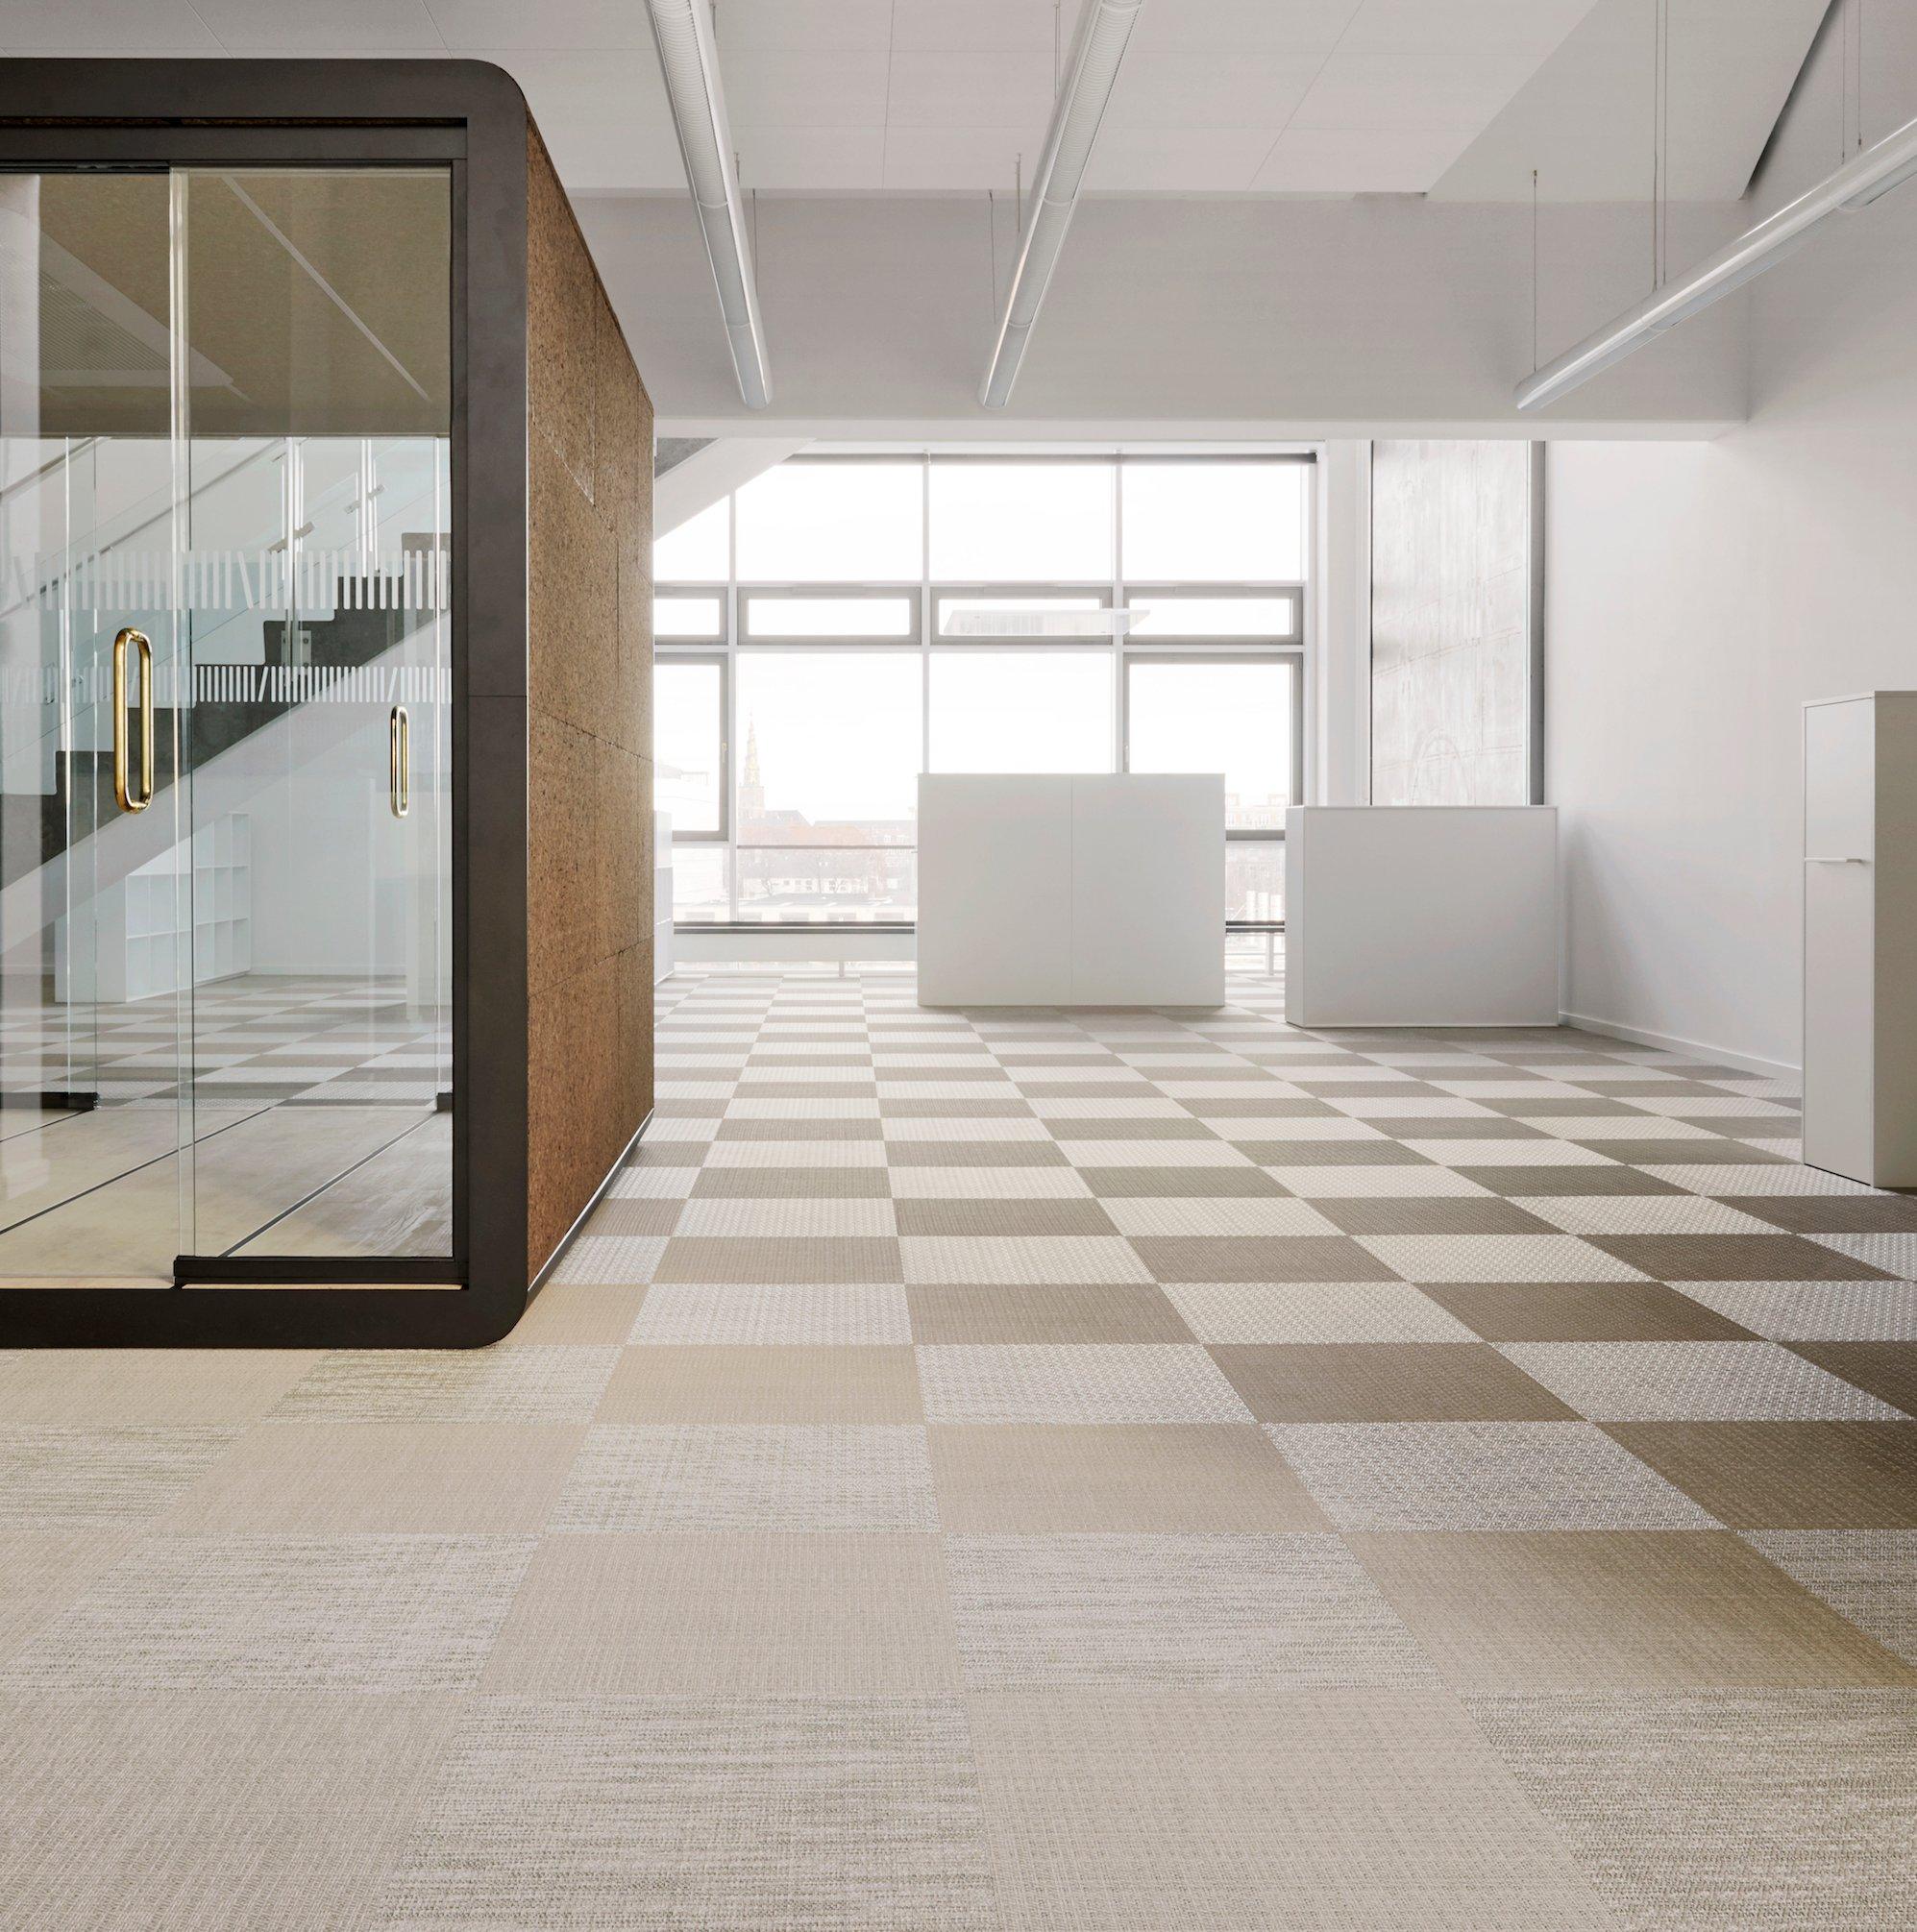 Bolon_Flooring_CopenhagenUniversity2_DK-1